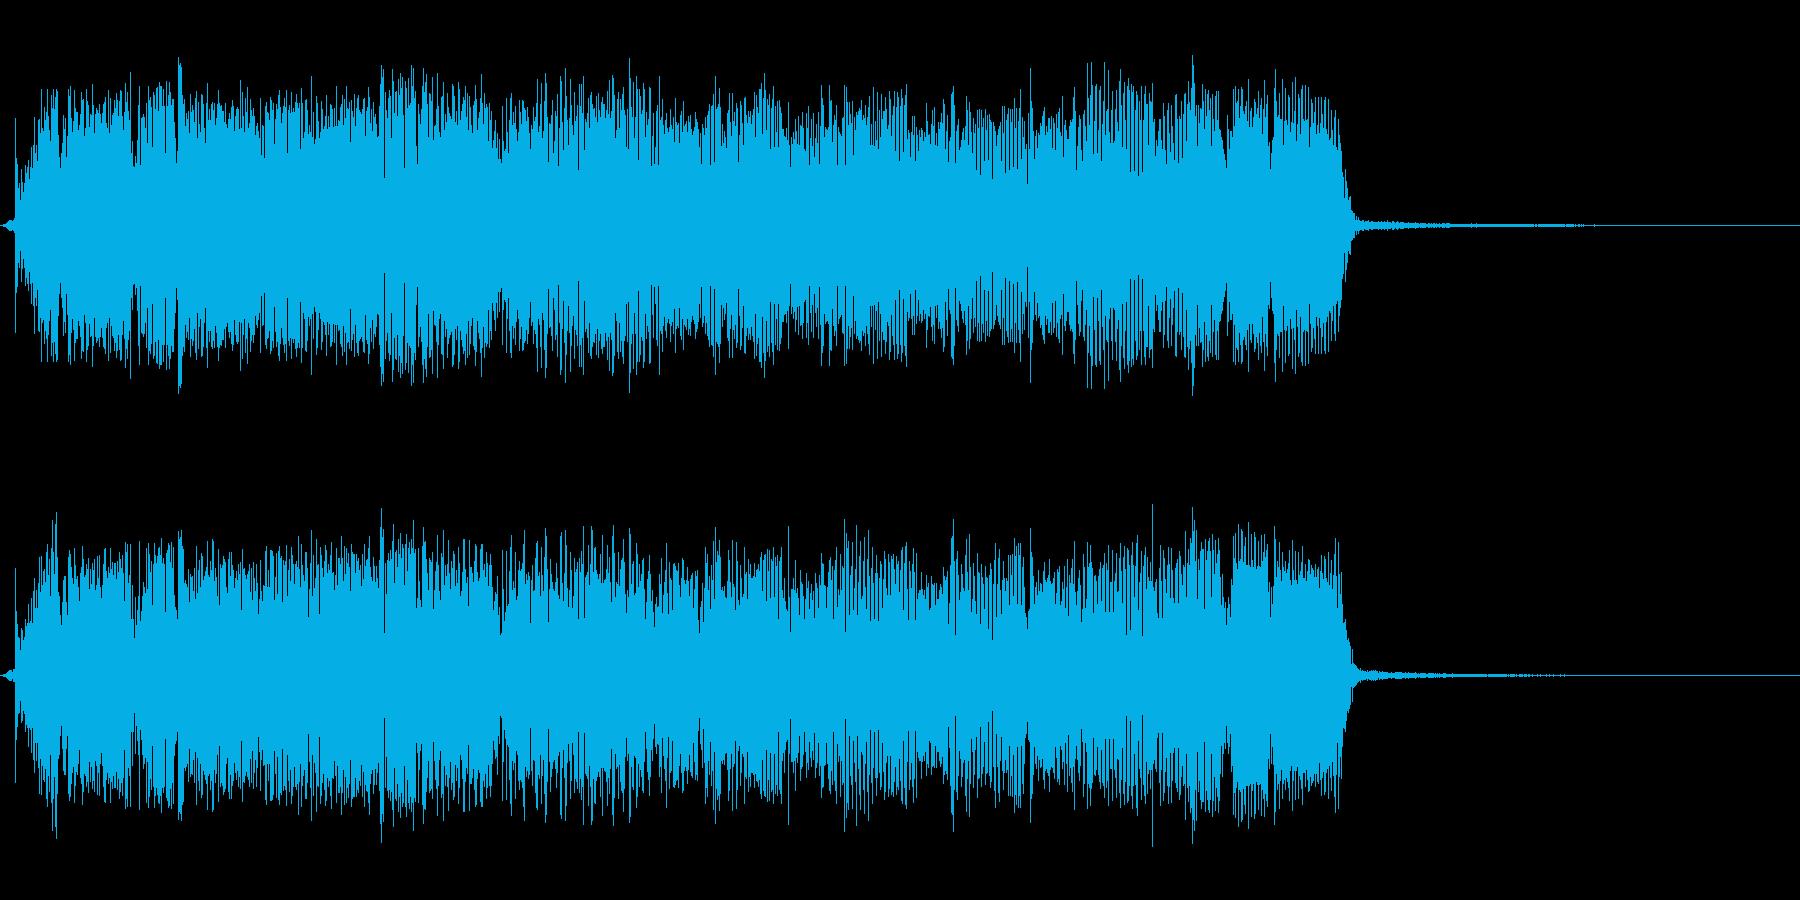 タイトル、ゲーム等のギターリフジングル長の再生済みの波形